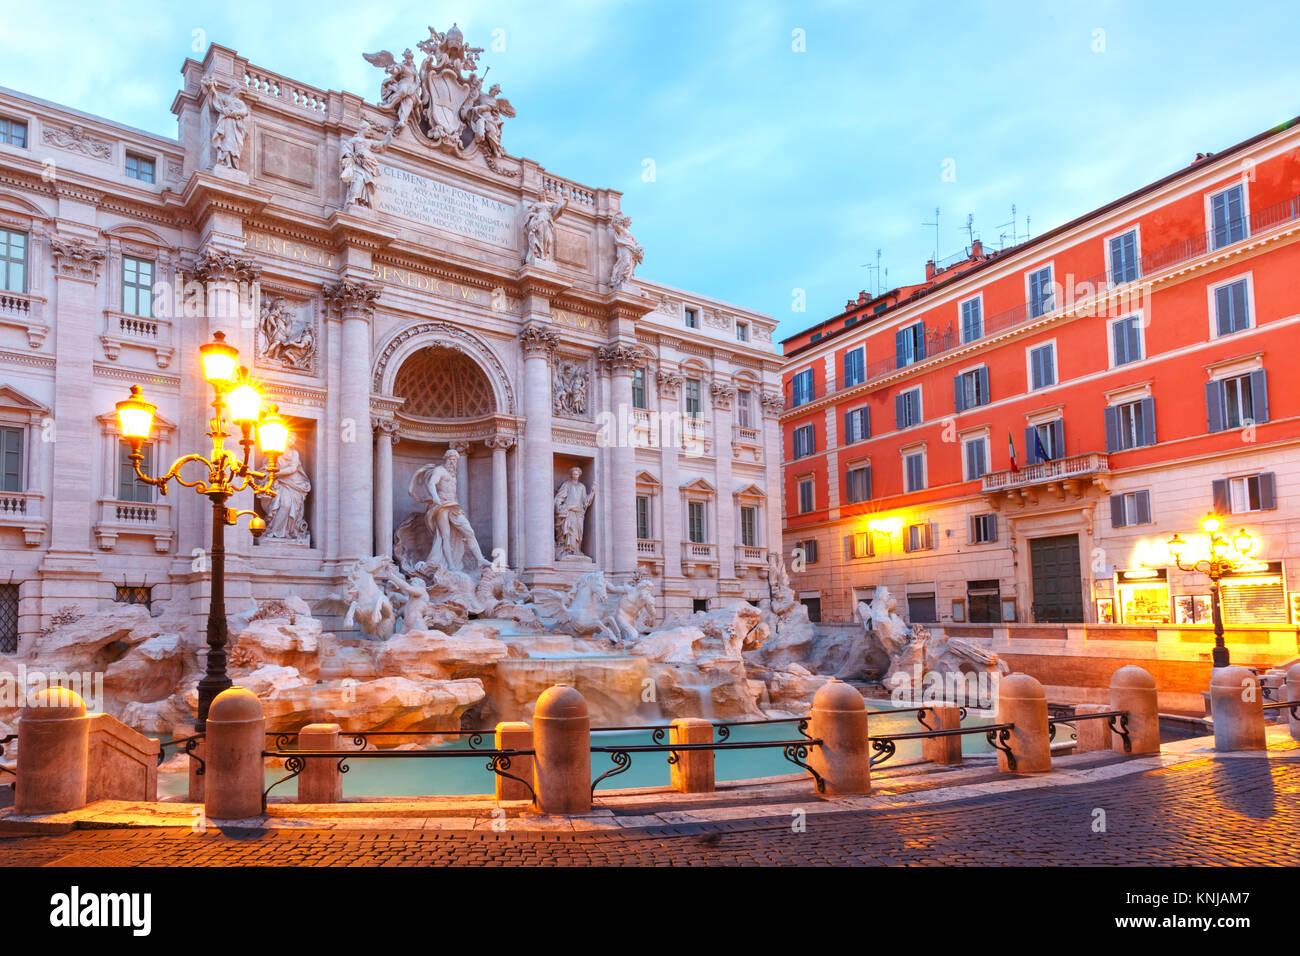 Trevi-Brunnen oder Fontana di Trevi in Rom, Italien Stockbild